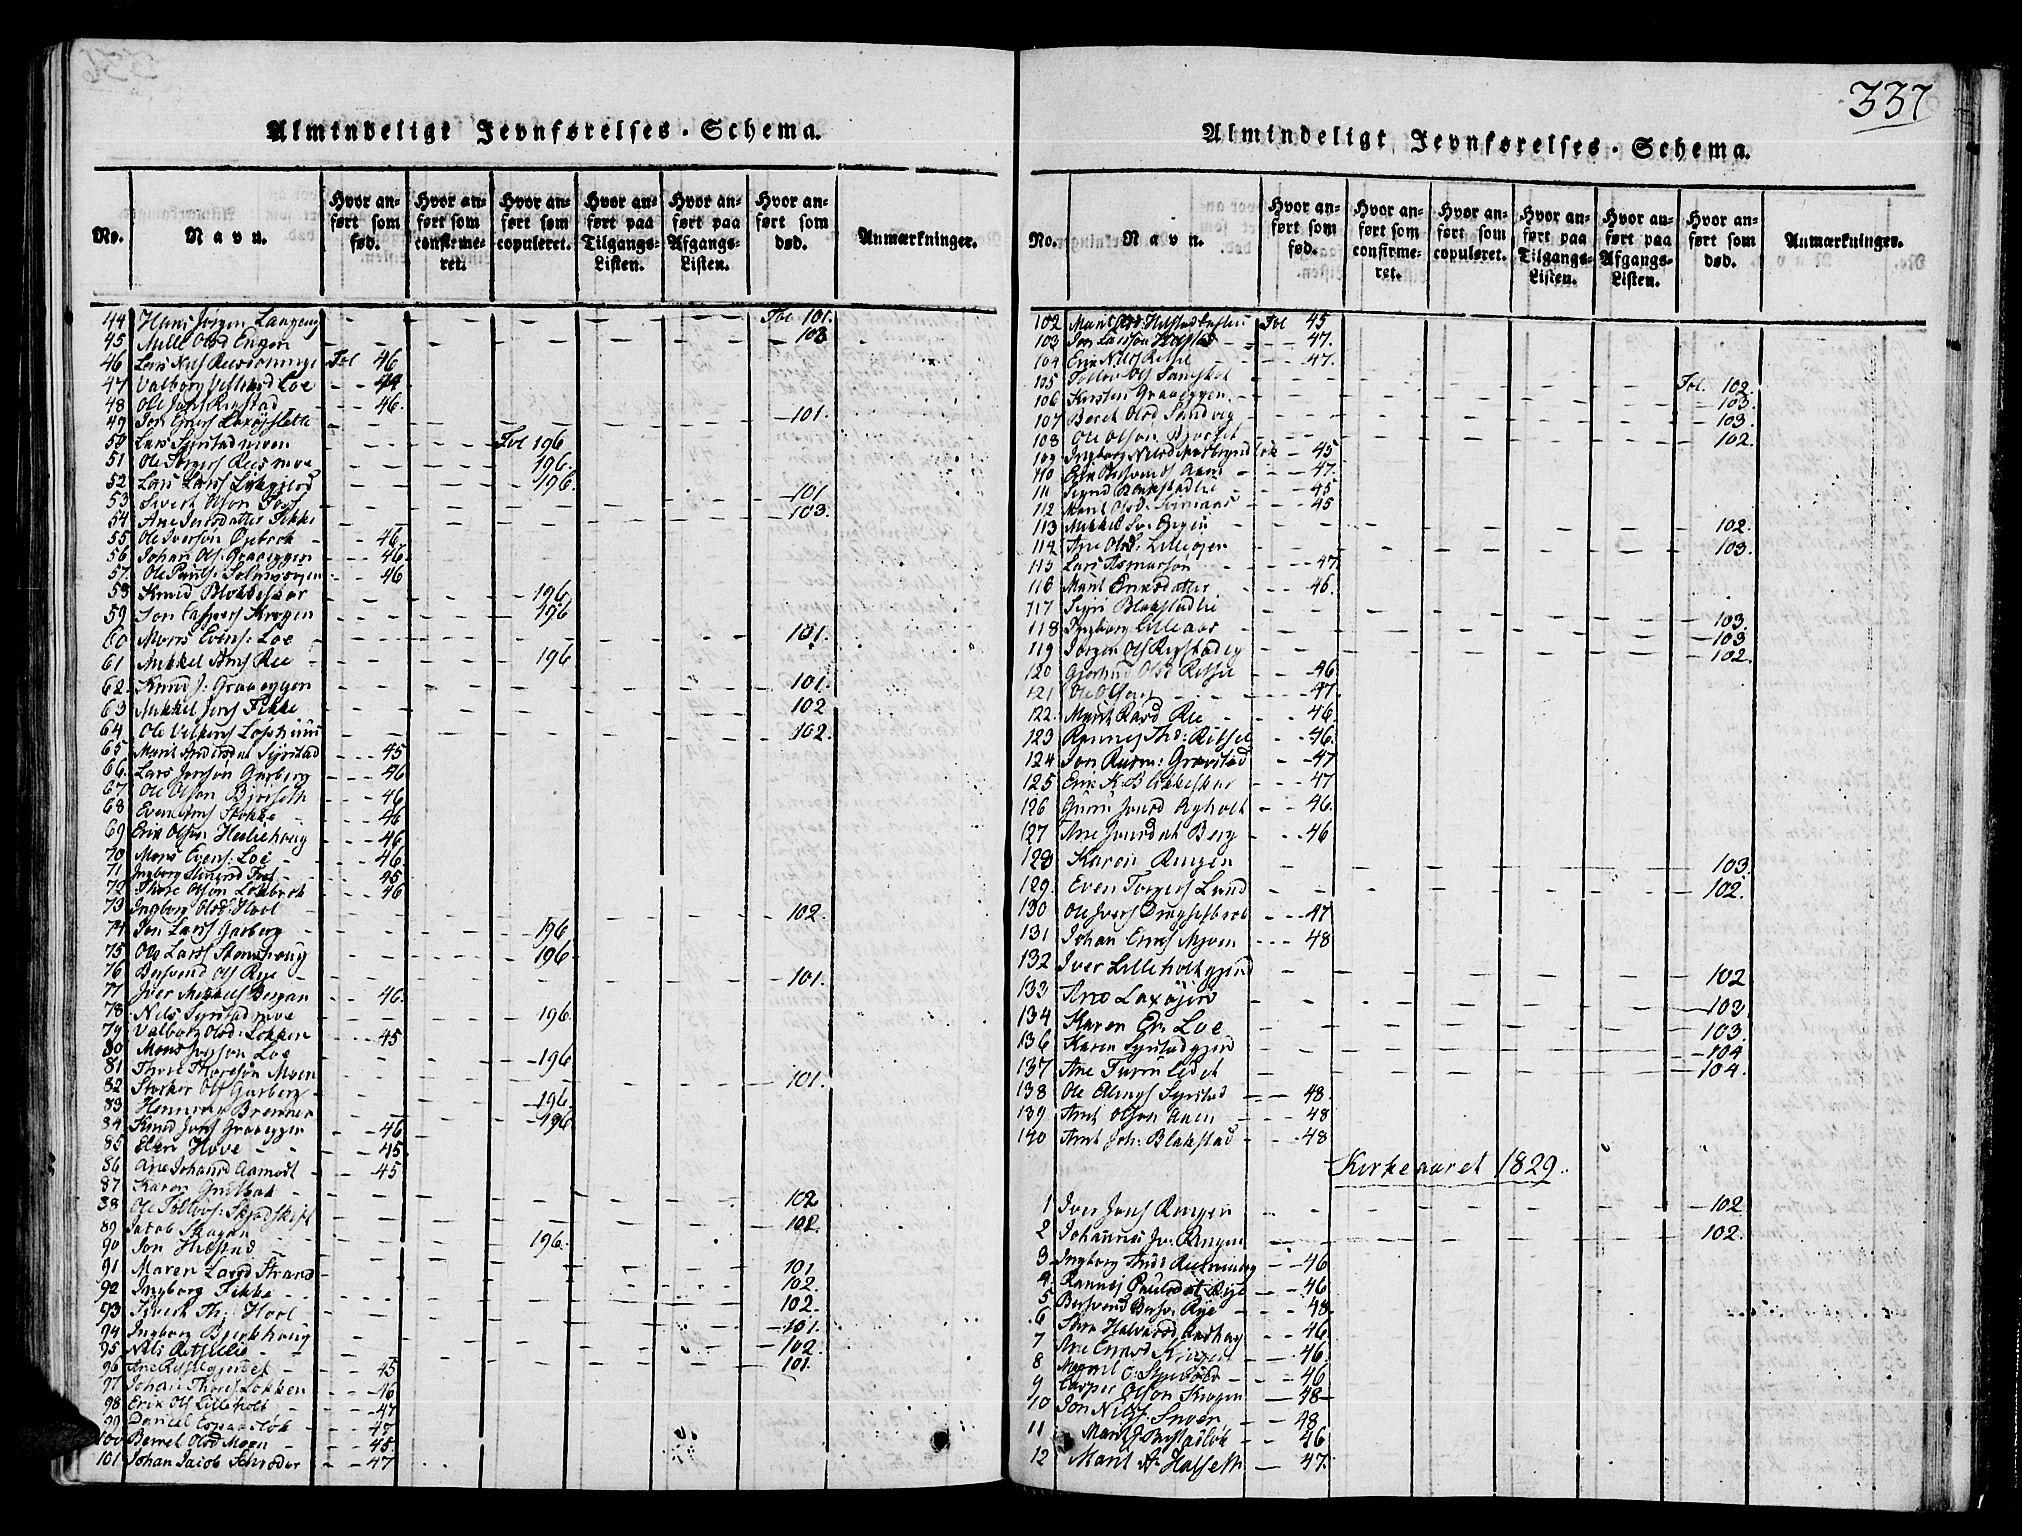 SAT, Ministerialprotokoller, klokkerbøker og fødselsregistre - Sør-Trøndelag, 672/L0853: Ministerialbok nr. 672A06 /1, 1816-1829, s. 337